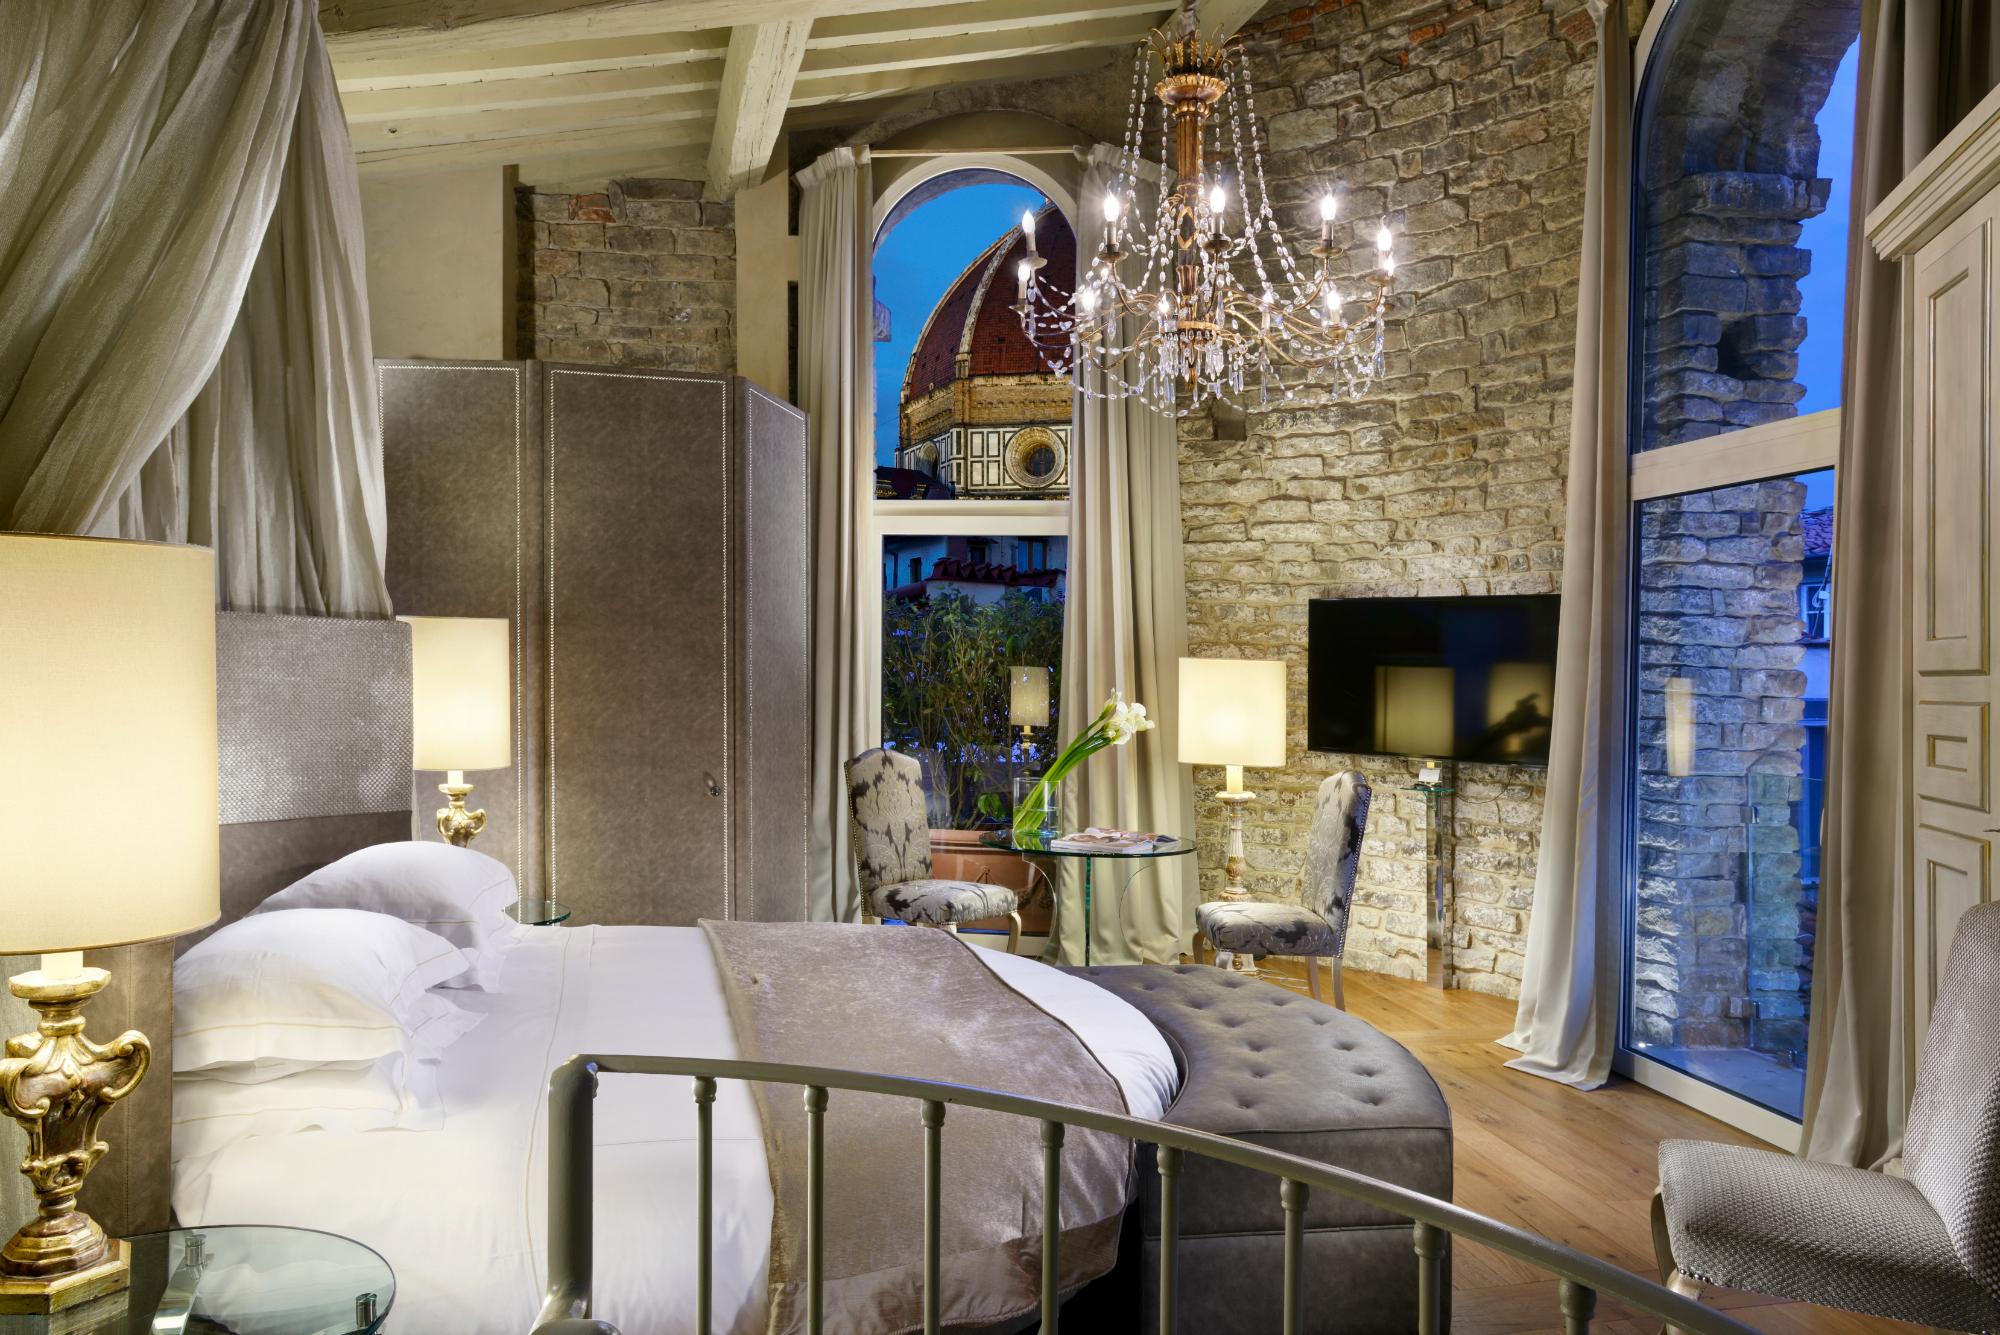 Hotel Brunelleschi tower suite bedroom with view